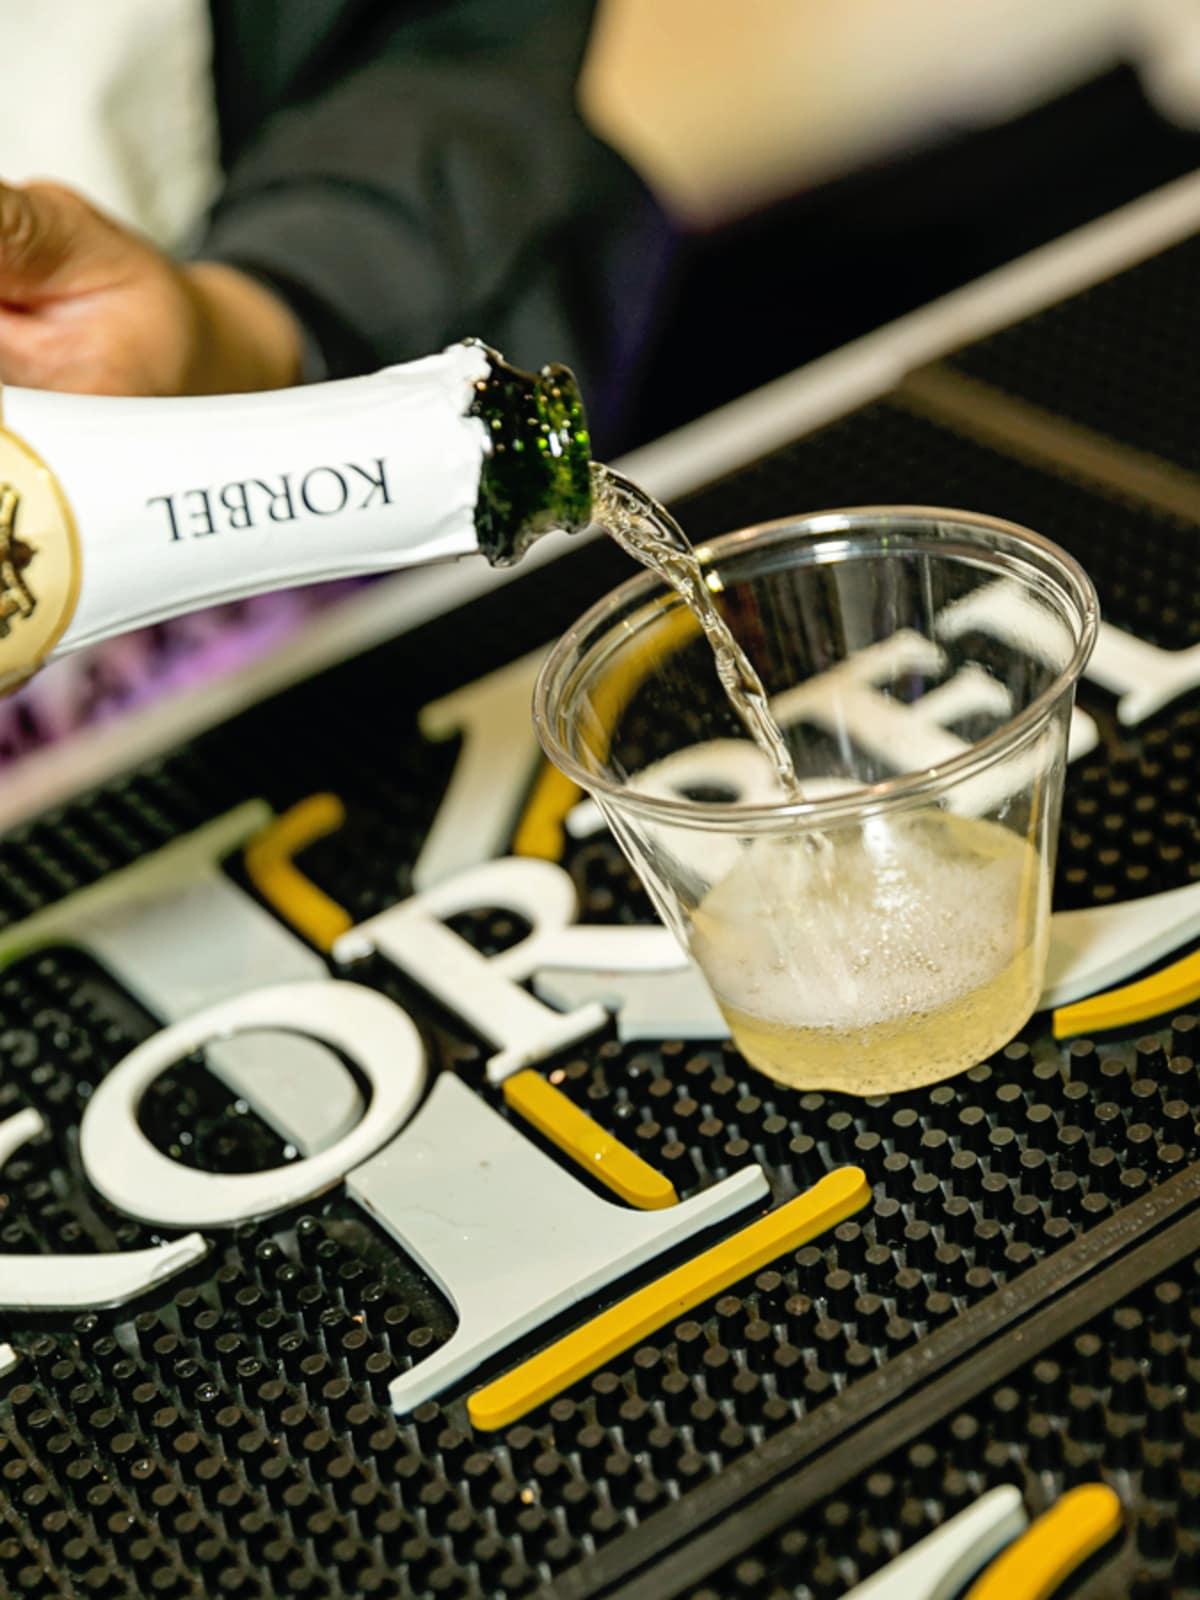 Tastemaker Awards 2018 Korbel Bubbly Bar